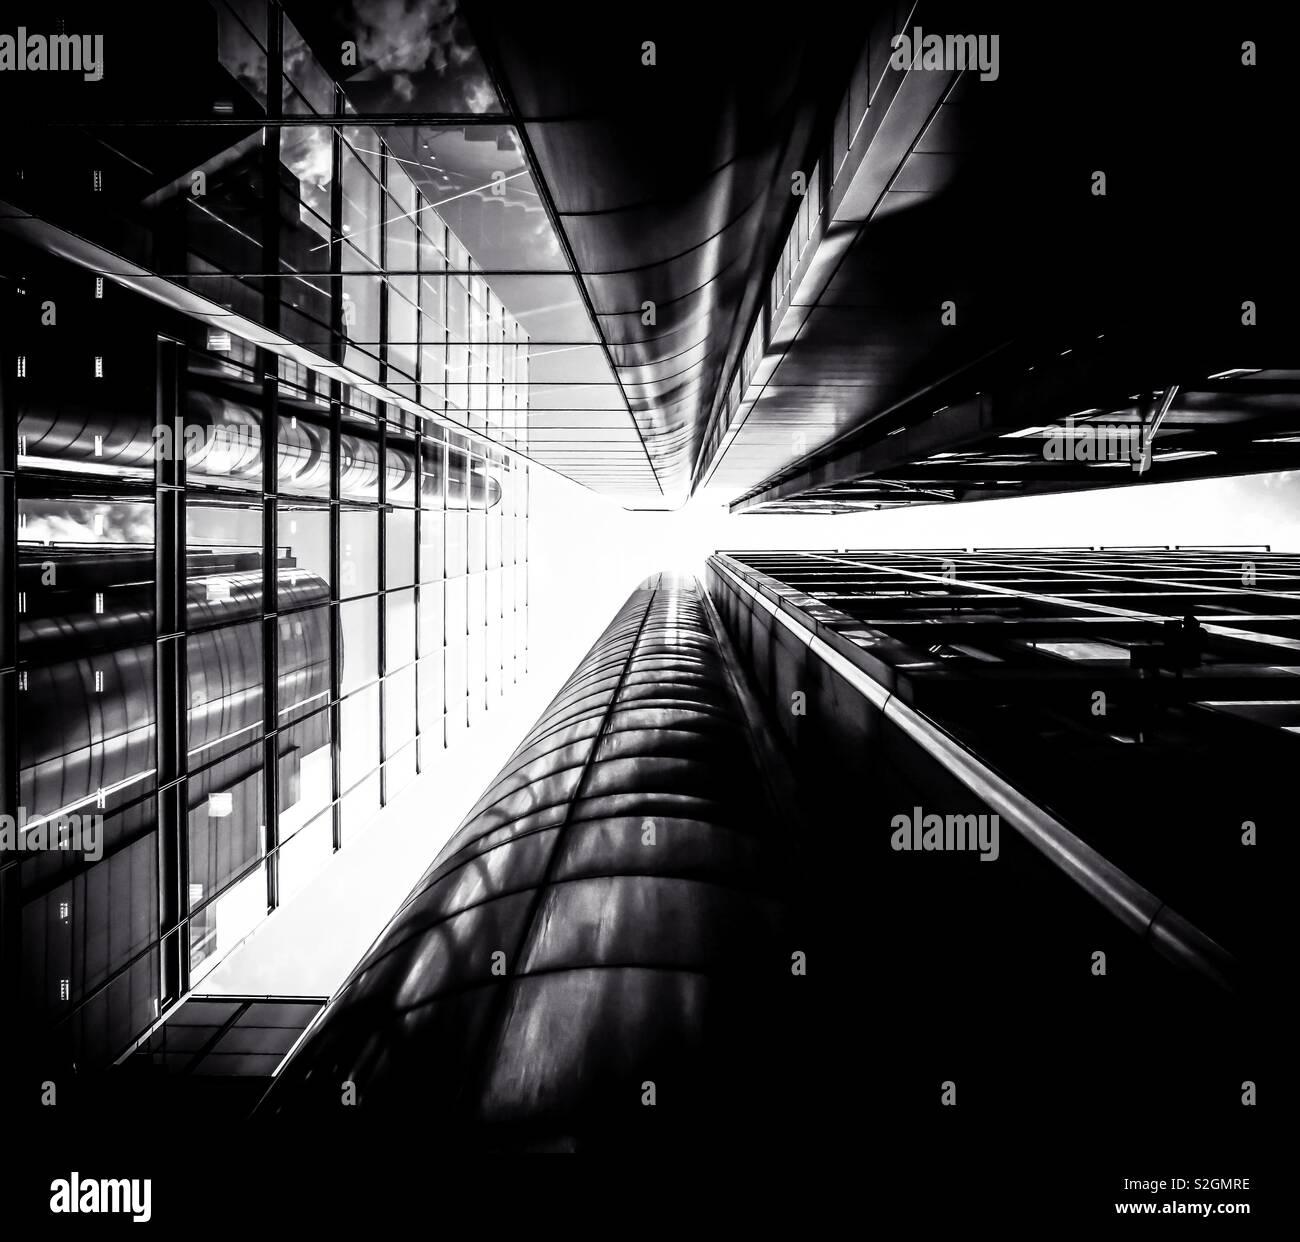 Die Stadt in Schwarz und Weiß; schöne und erstaunliche Struktur der Gebäude. Stockfoto